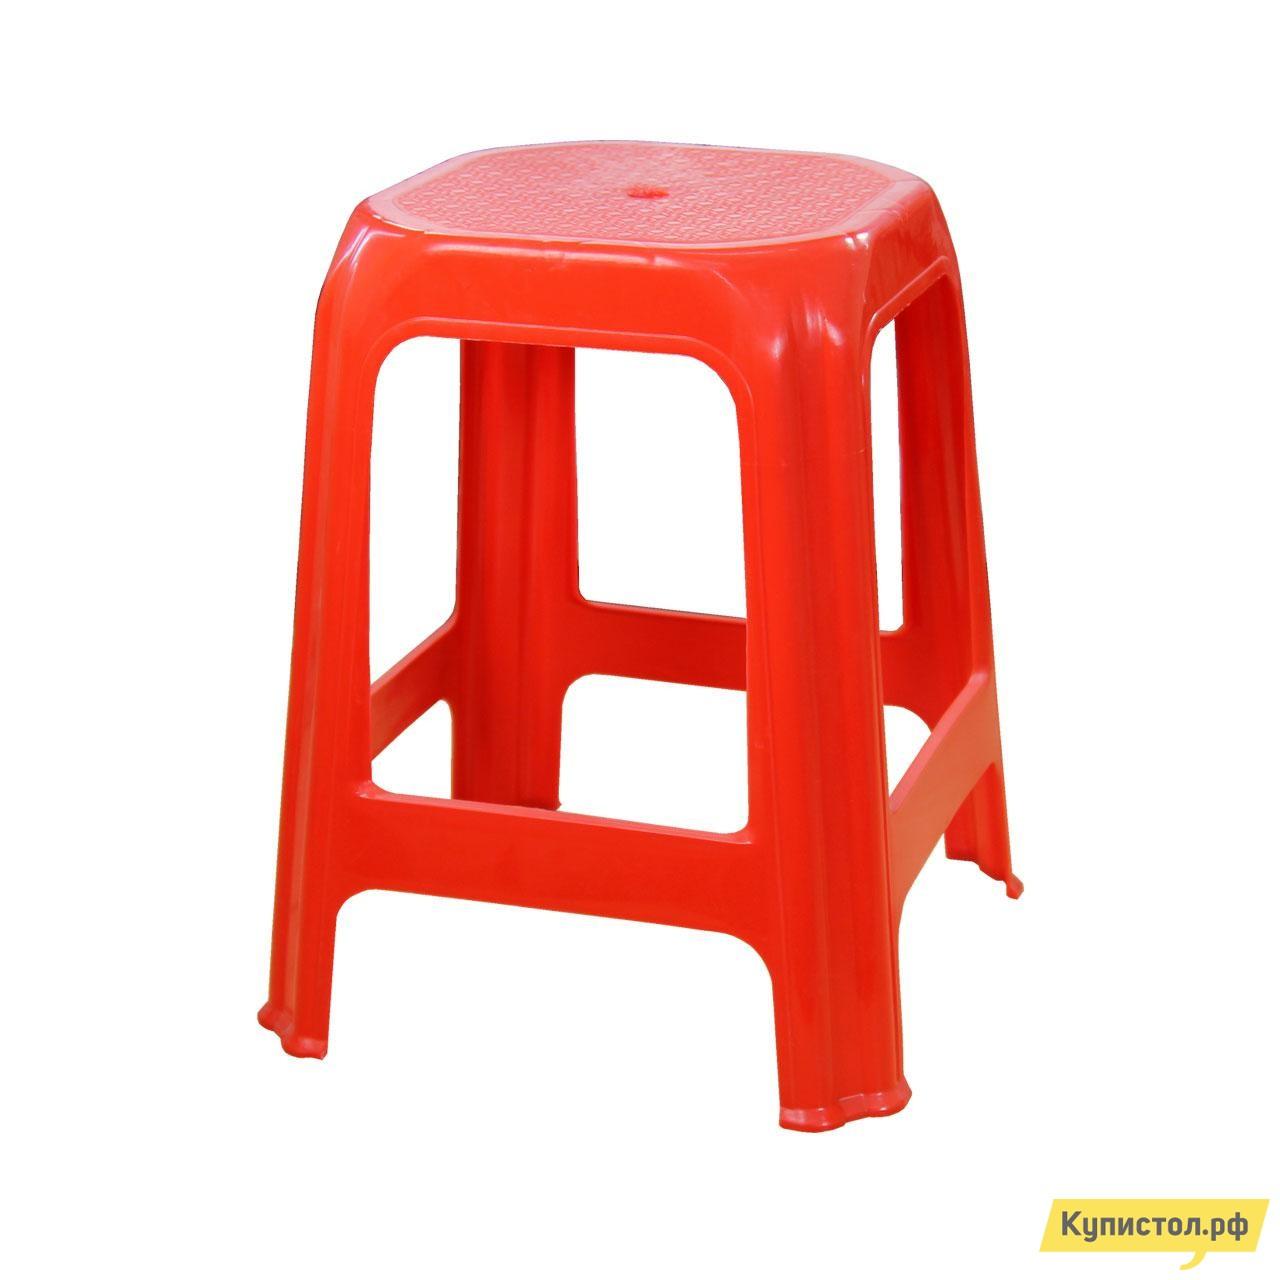 Пластиковый табурет АТР Стул (табурет) Красный от Купистол